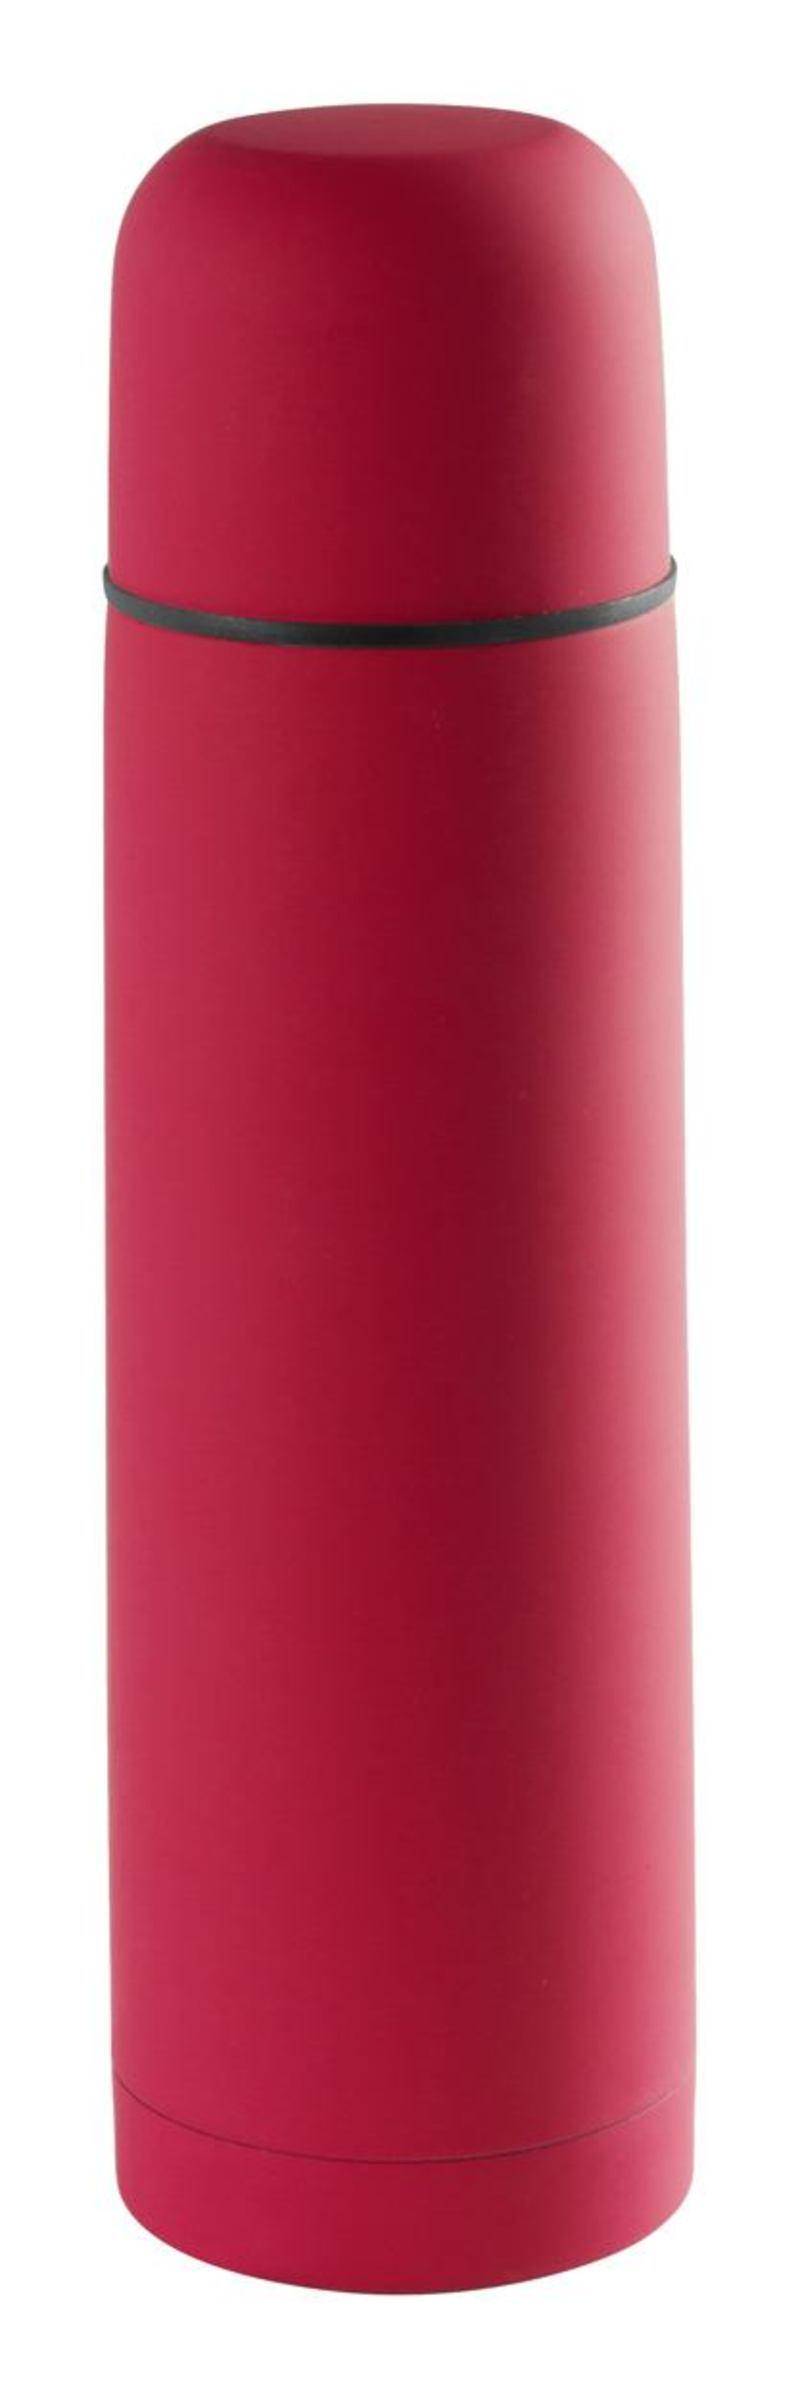 Hosban vacuum flask